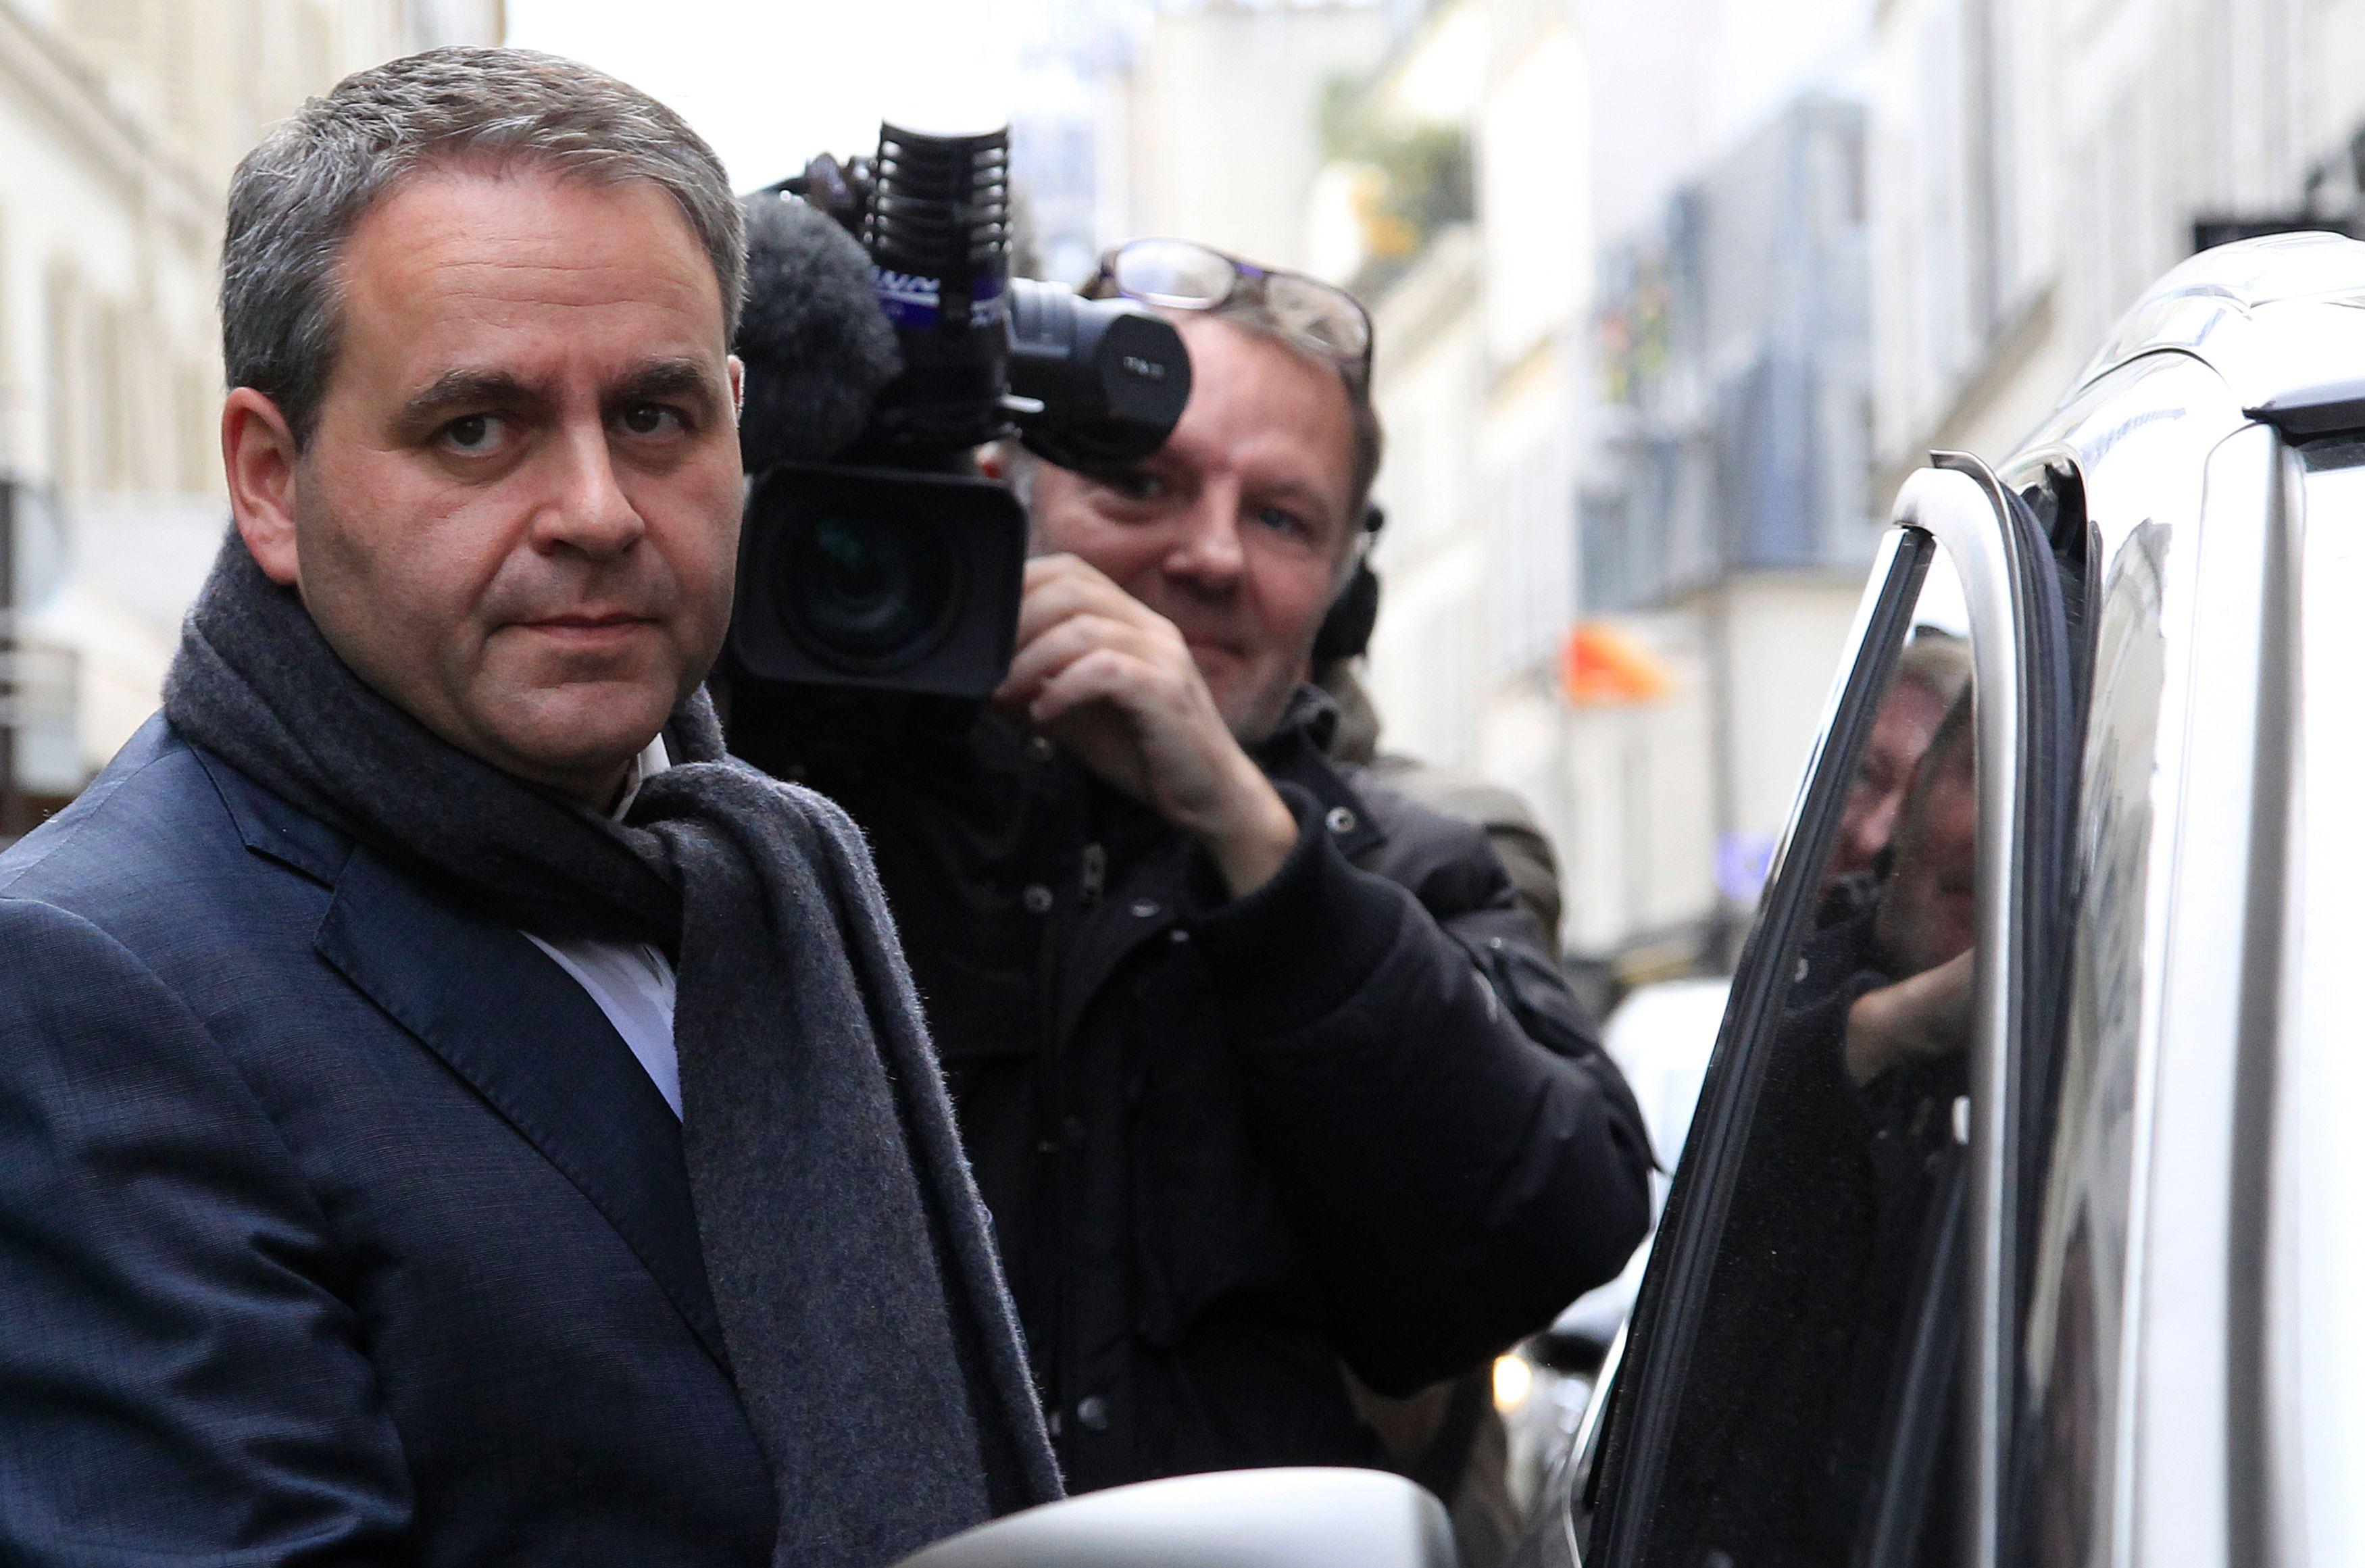 Xavier ertrand, candidat Les Républicains aux élections régionales en Nord-Pas-de-Calais-Picardie.